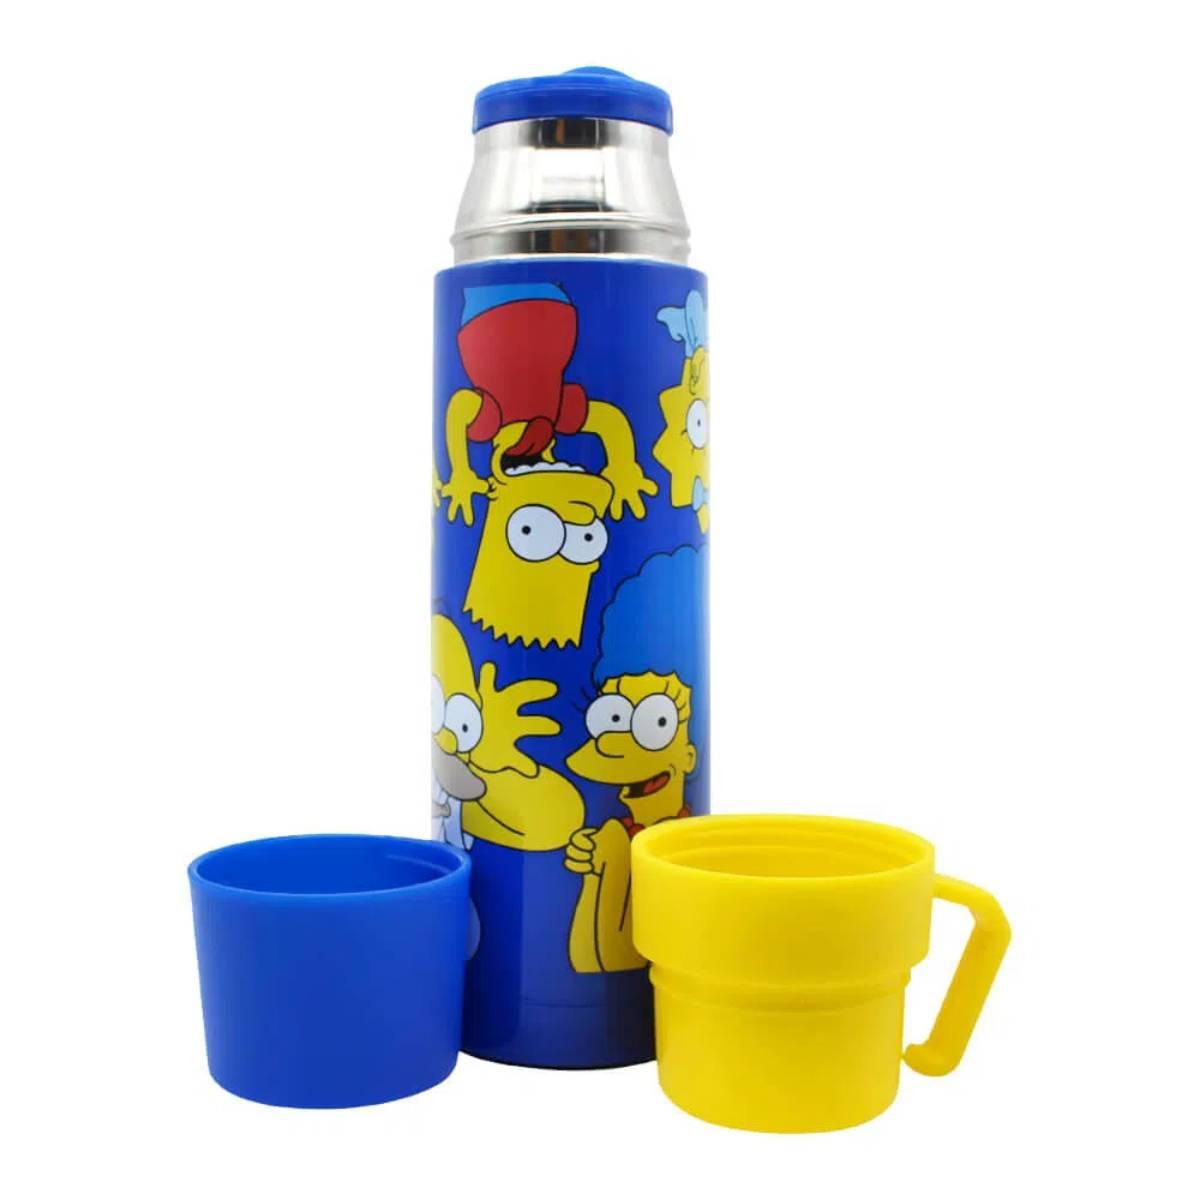 Garrafa Térmica Café Chá Bebidas Quentes com 2 Tampas 2 Canecas Simpsons Caretas